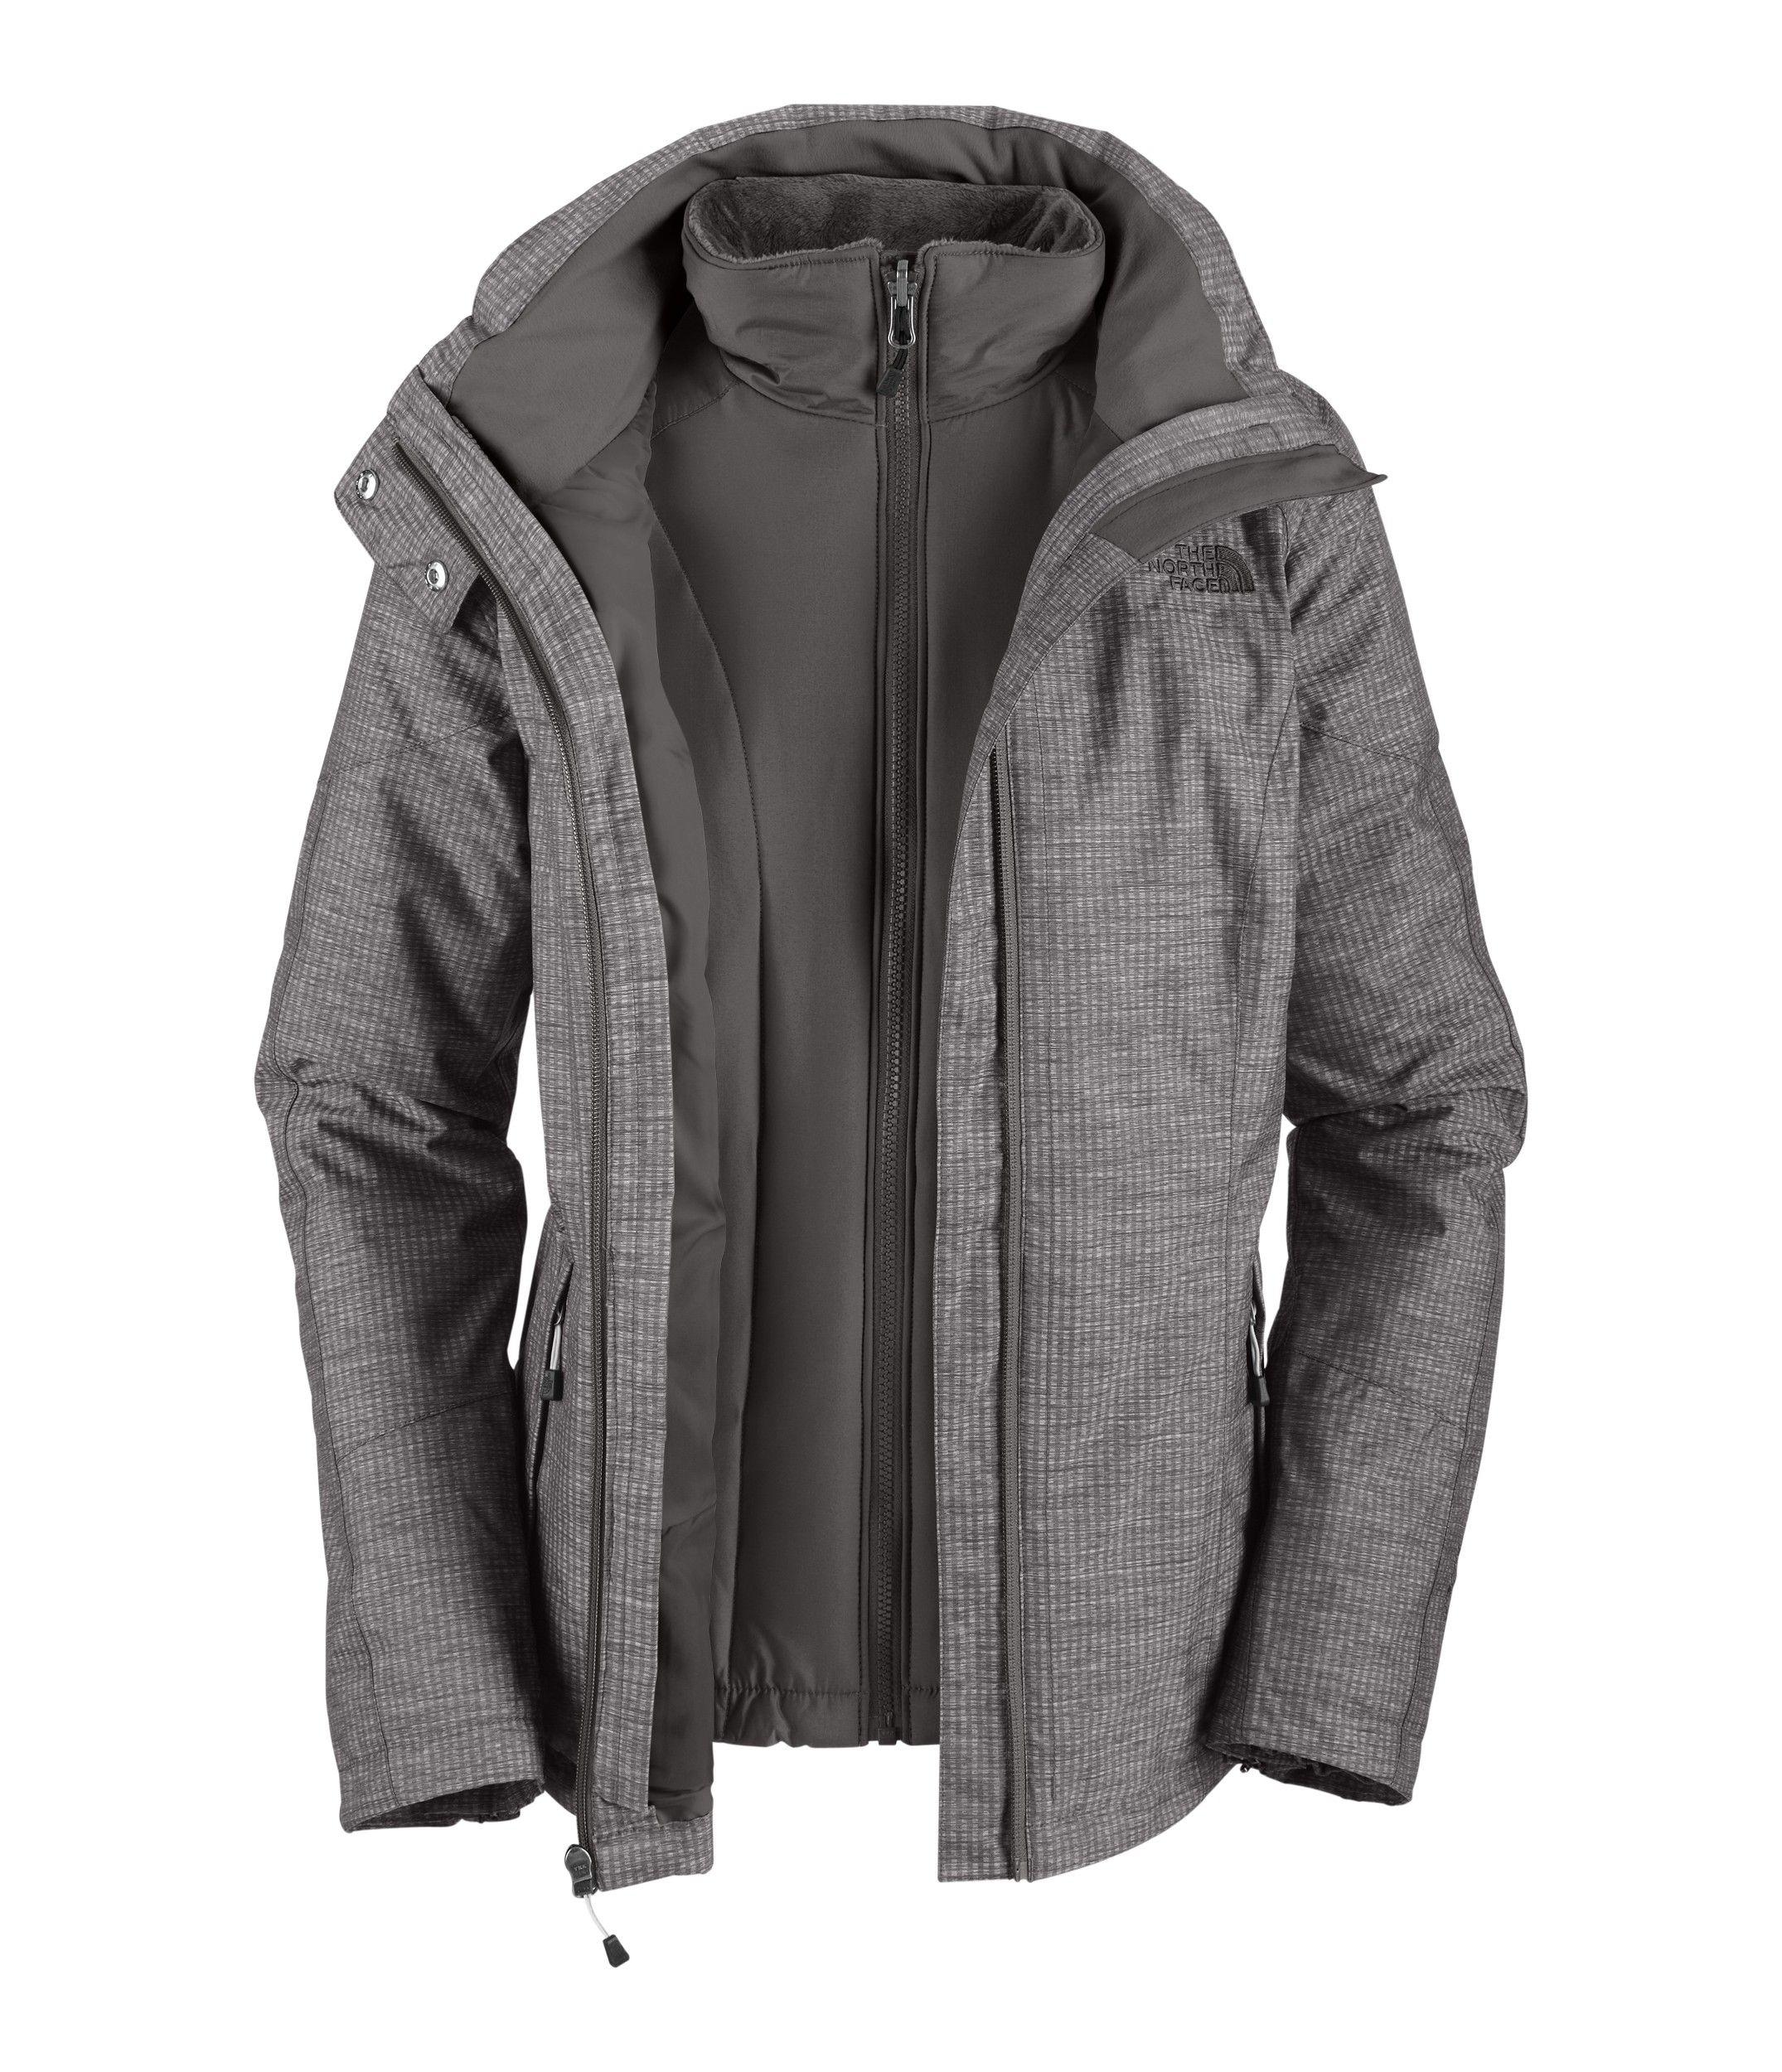 83a51068a The North Face Women's Aphelion Triclimate Jacket Sale - AUDU ...